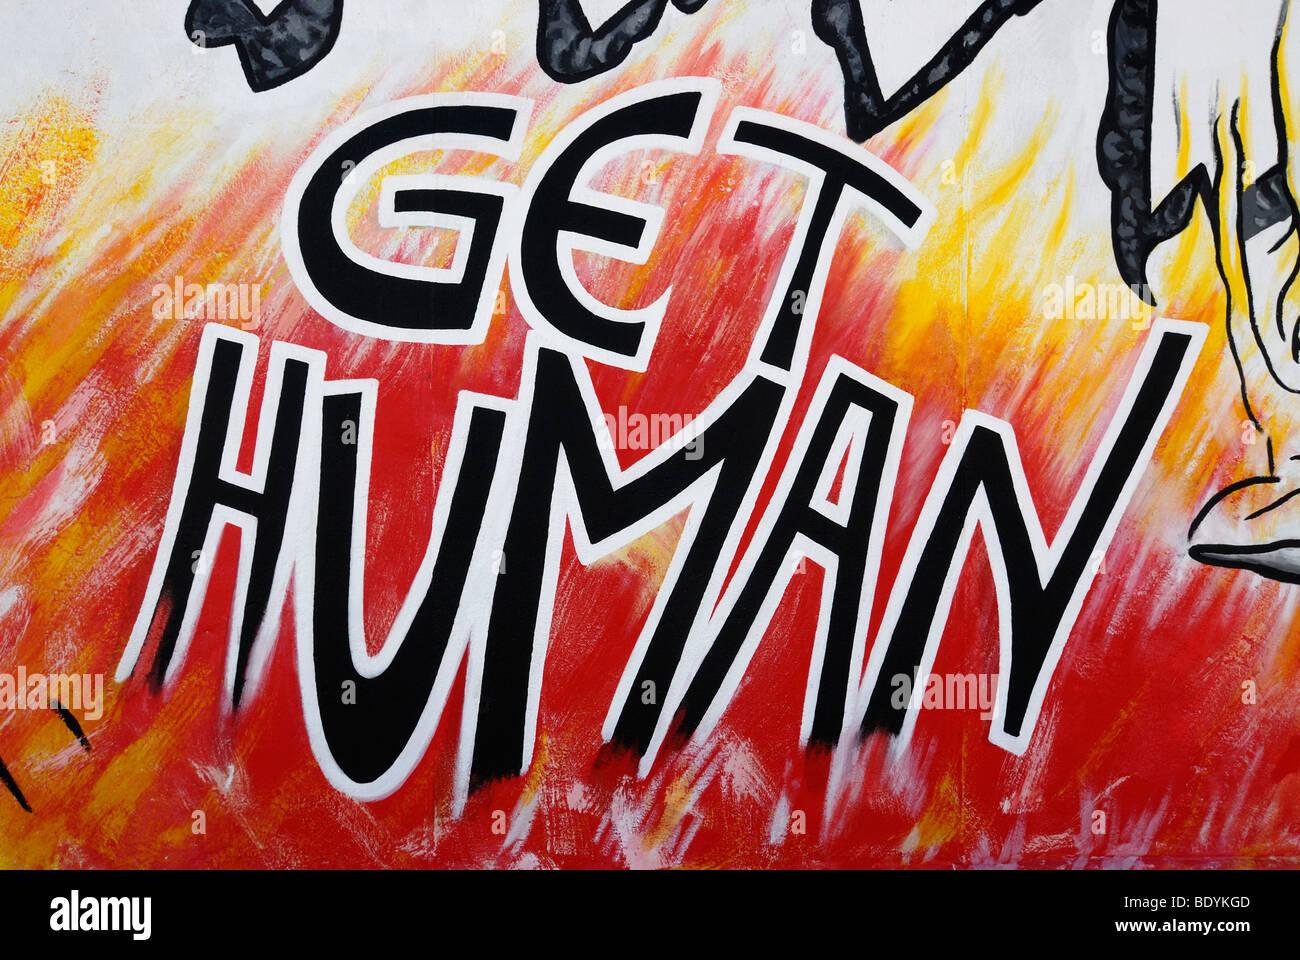 Berlin Wall Art get human, art on the berlin wall, eastside gallery, graffiti